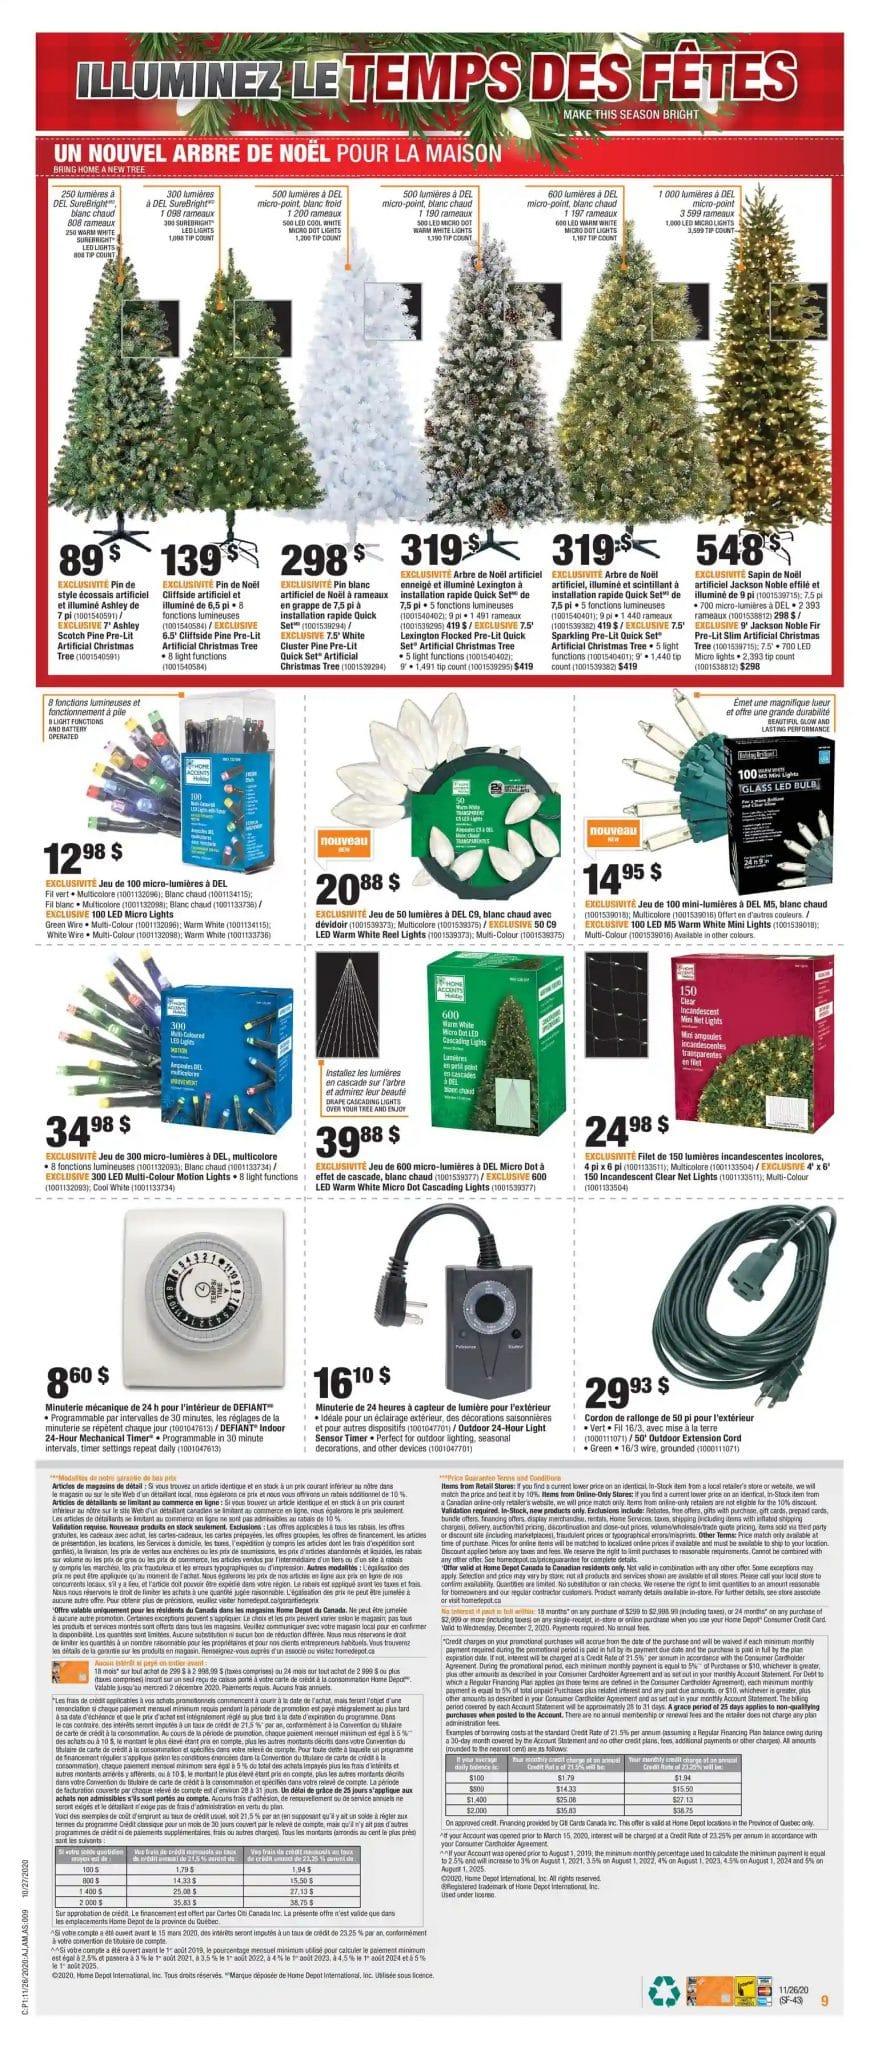 Circulaire des rabais du Vendredi Fou dans le cadre du Black Friday chez Home Depot